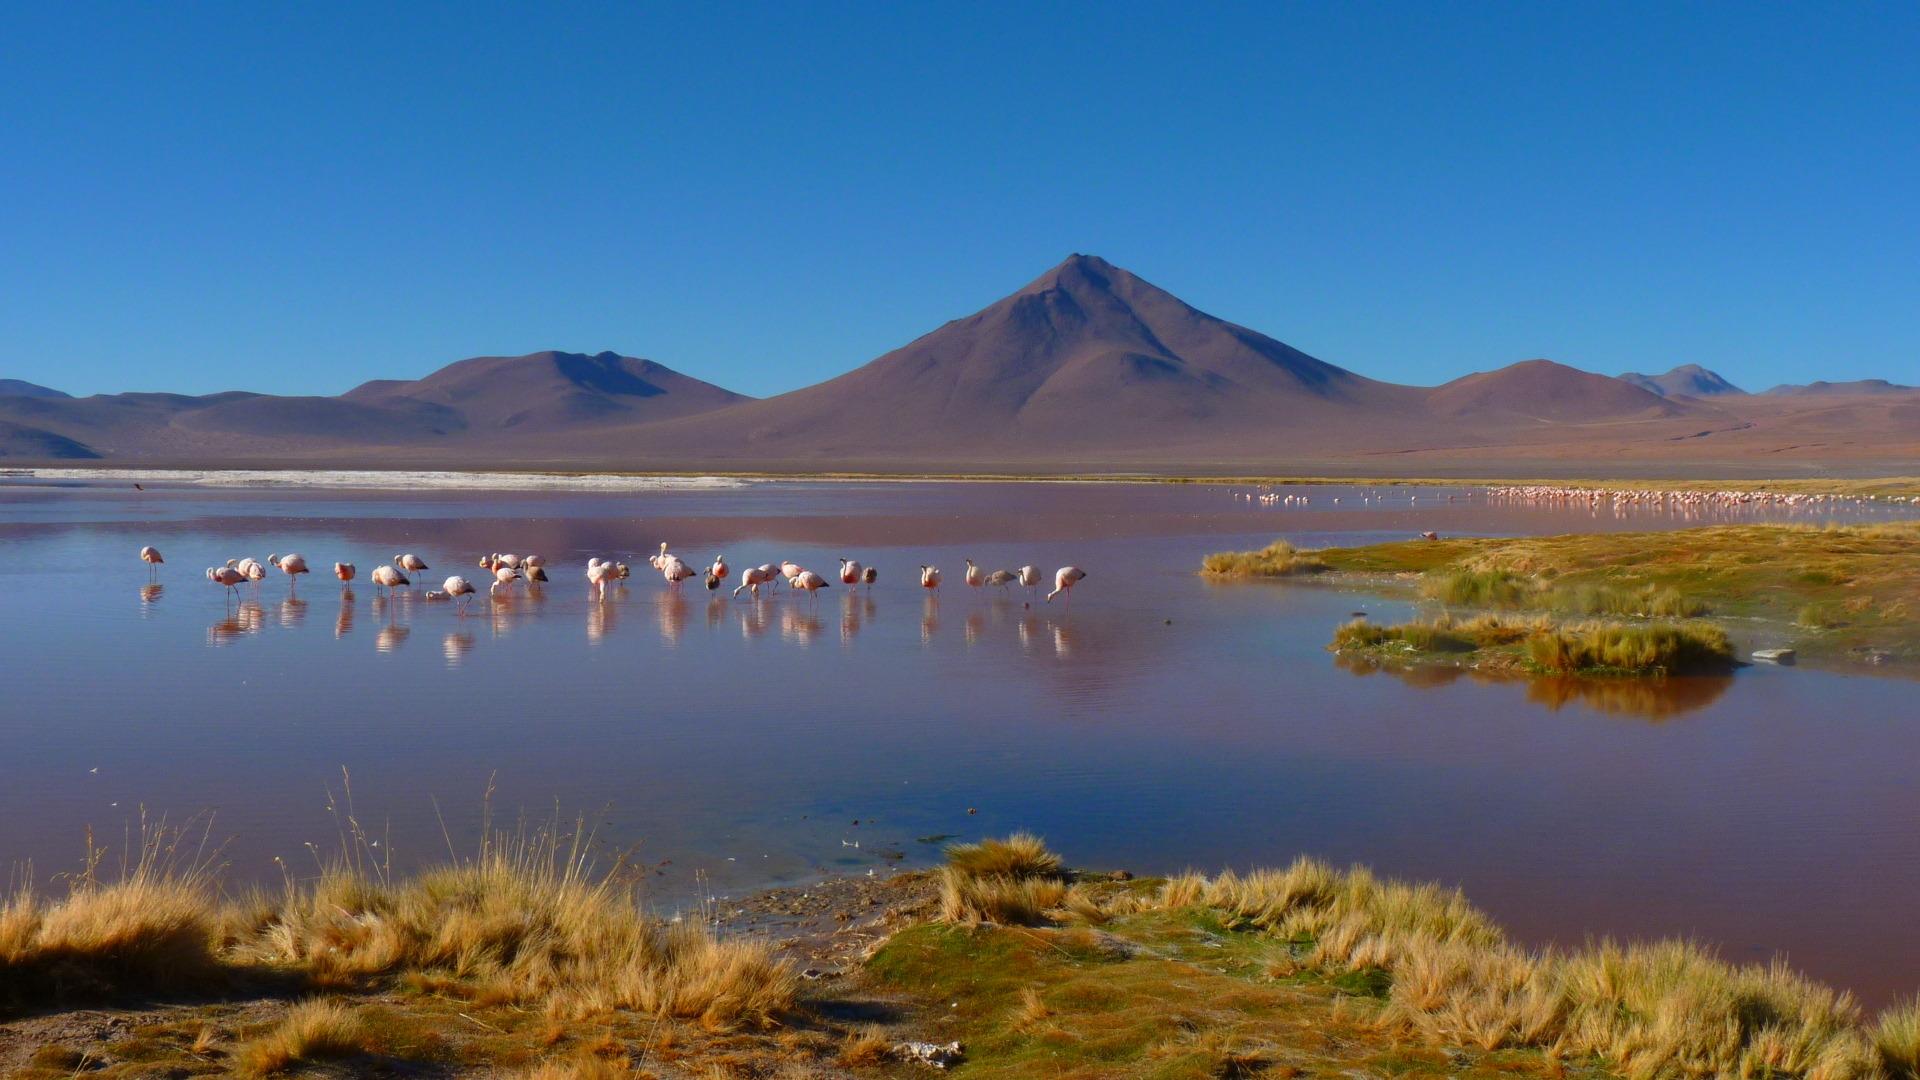 Traumhafte Landschaften Boliviens - beim nächsten Mal mit Motorrad!